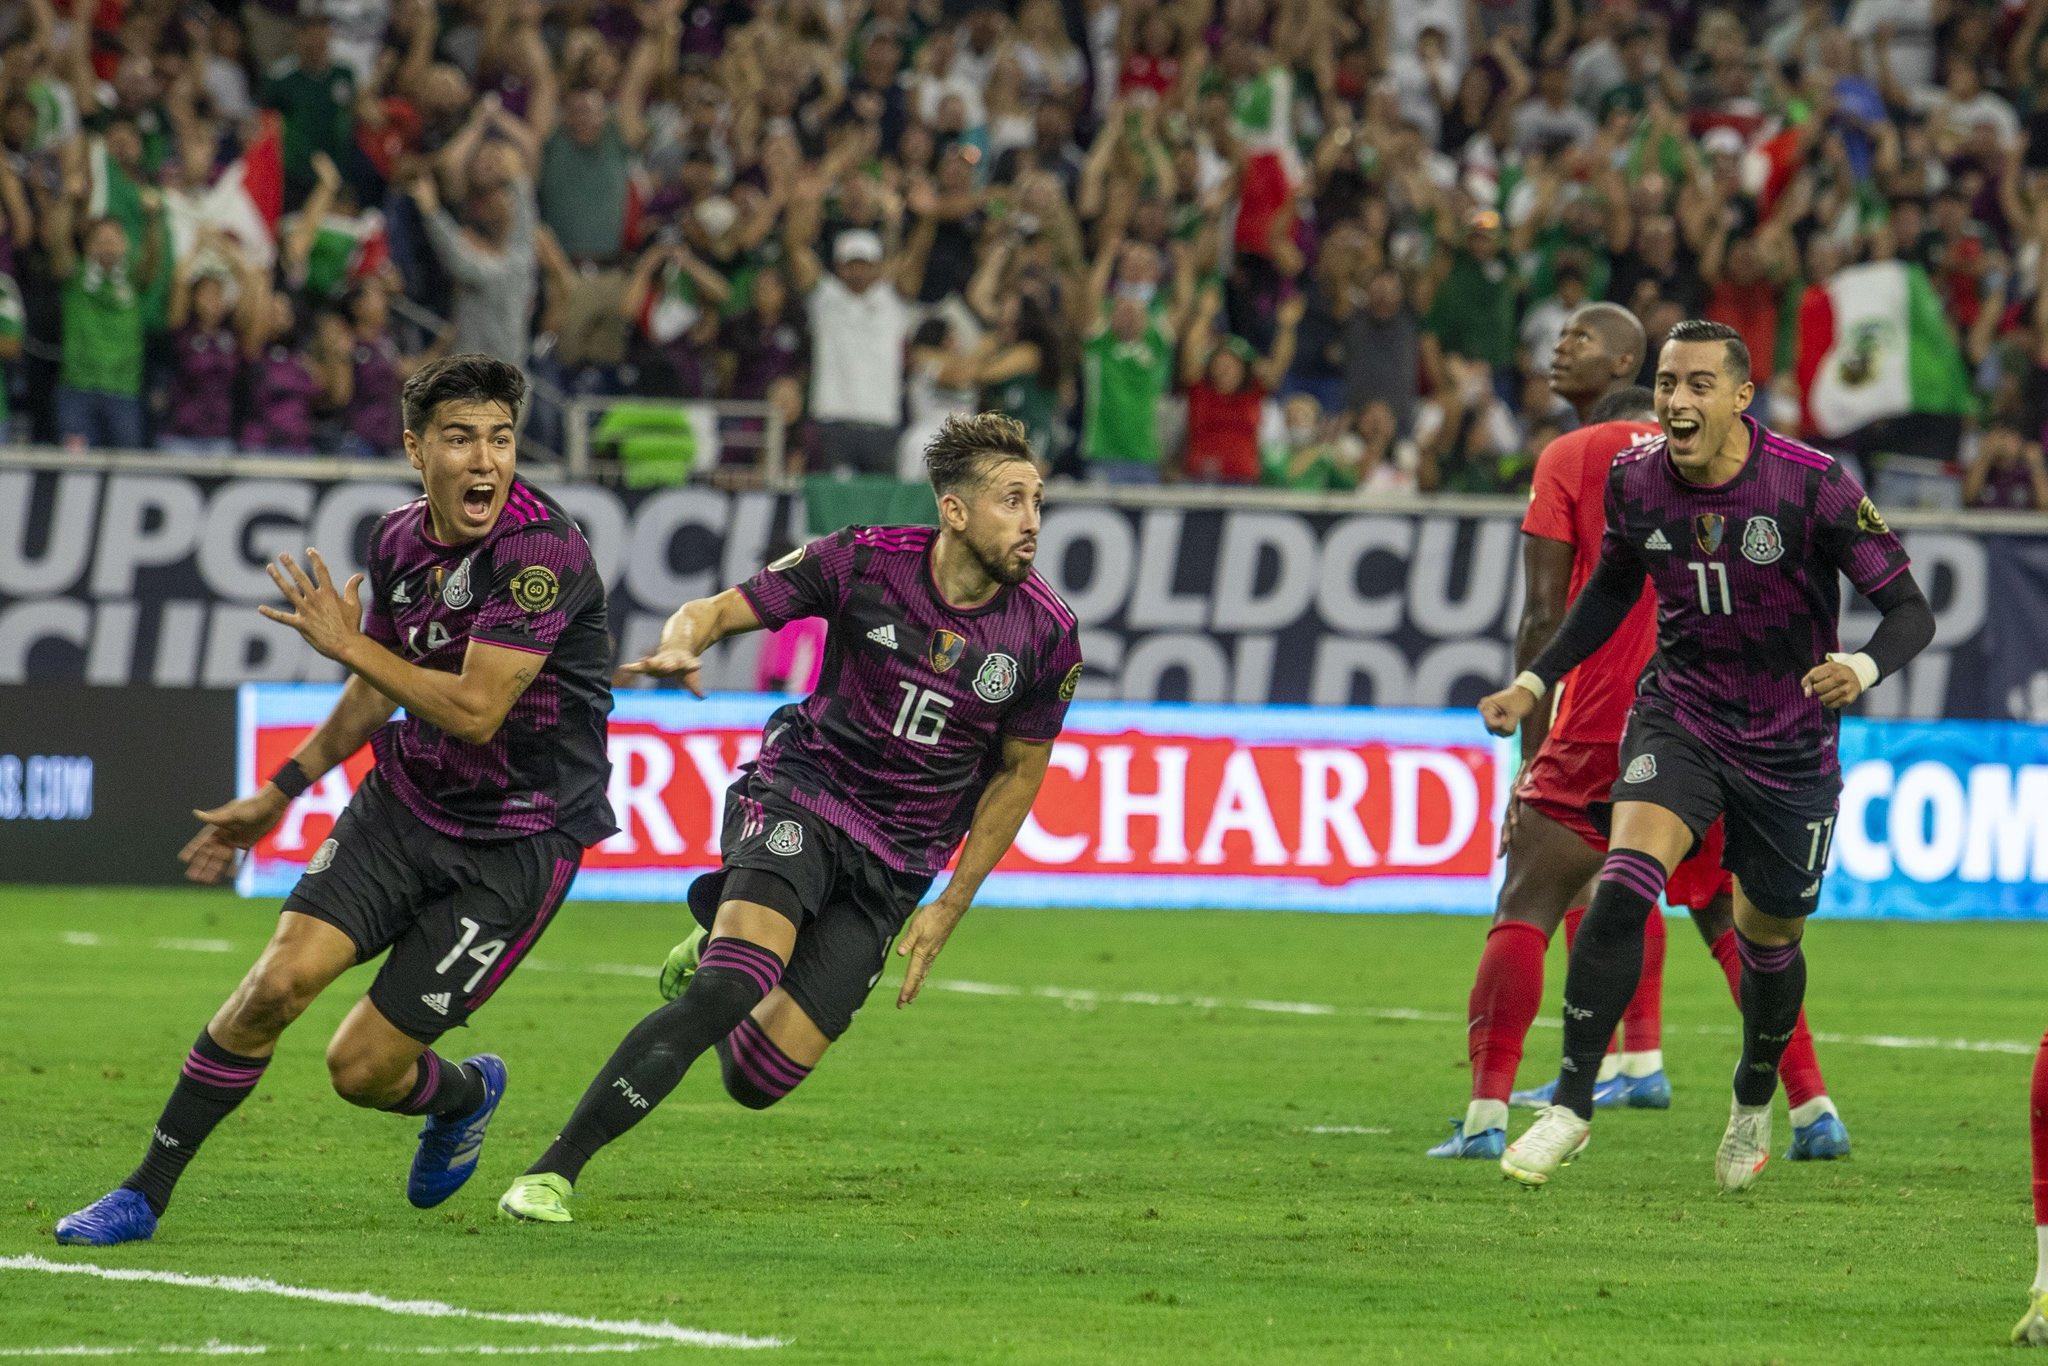 Niềm vui của cầu thủ Mexico sau khi Herrera (giữa) ghi bàn giúp đội nhà vào chung kết Gold Cup 2021